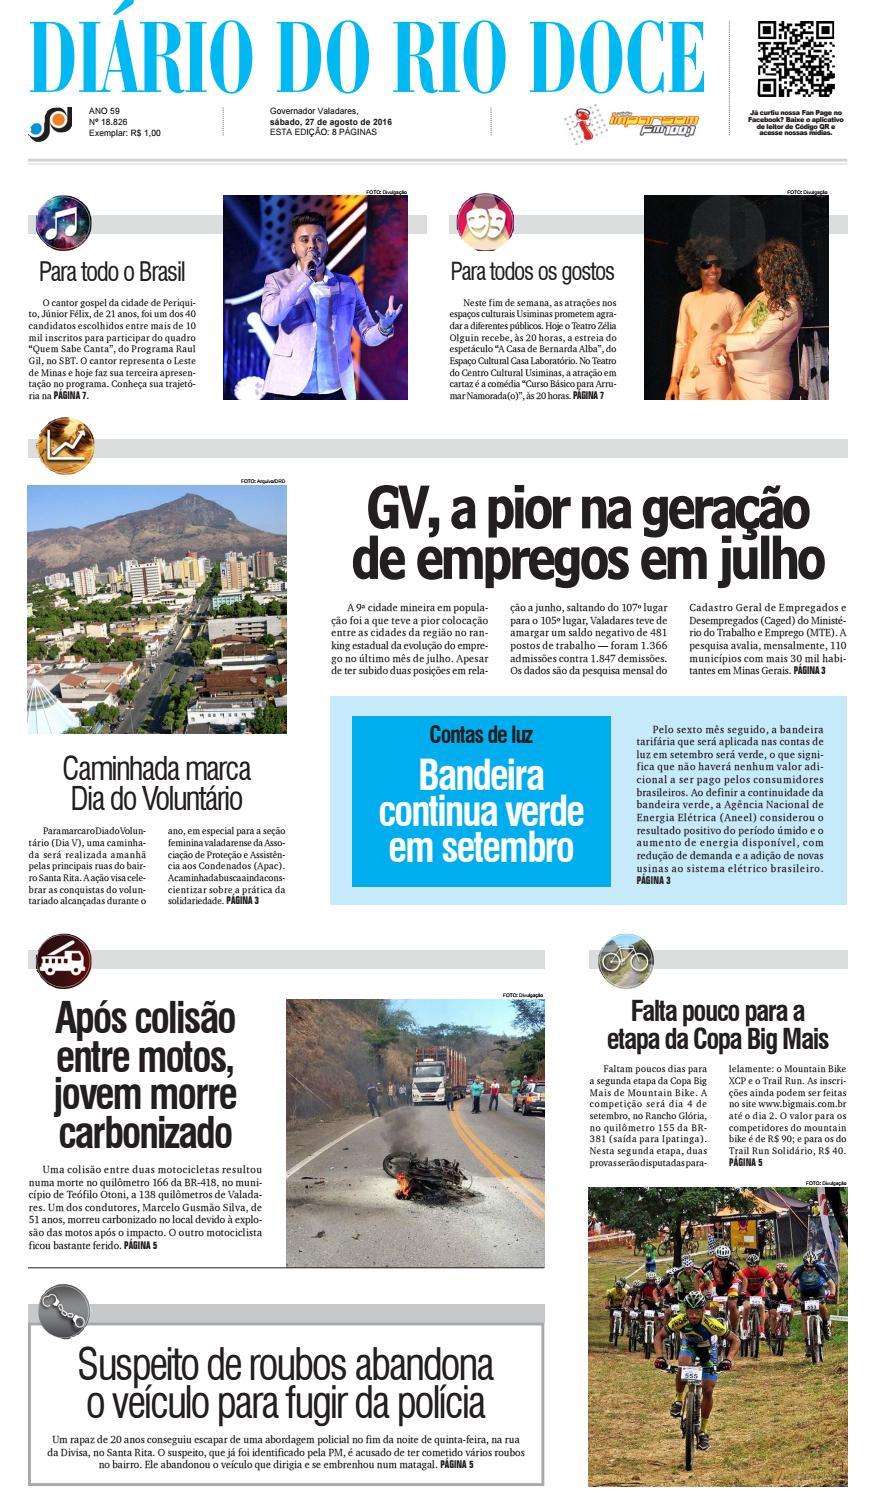 Diário do Rio Doce - Edição de 27 08 2016 by Diário do Rio Doce - issuu b3c2e098eb132